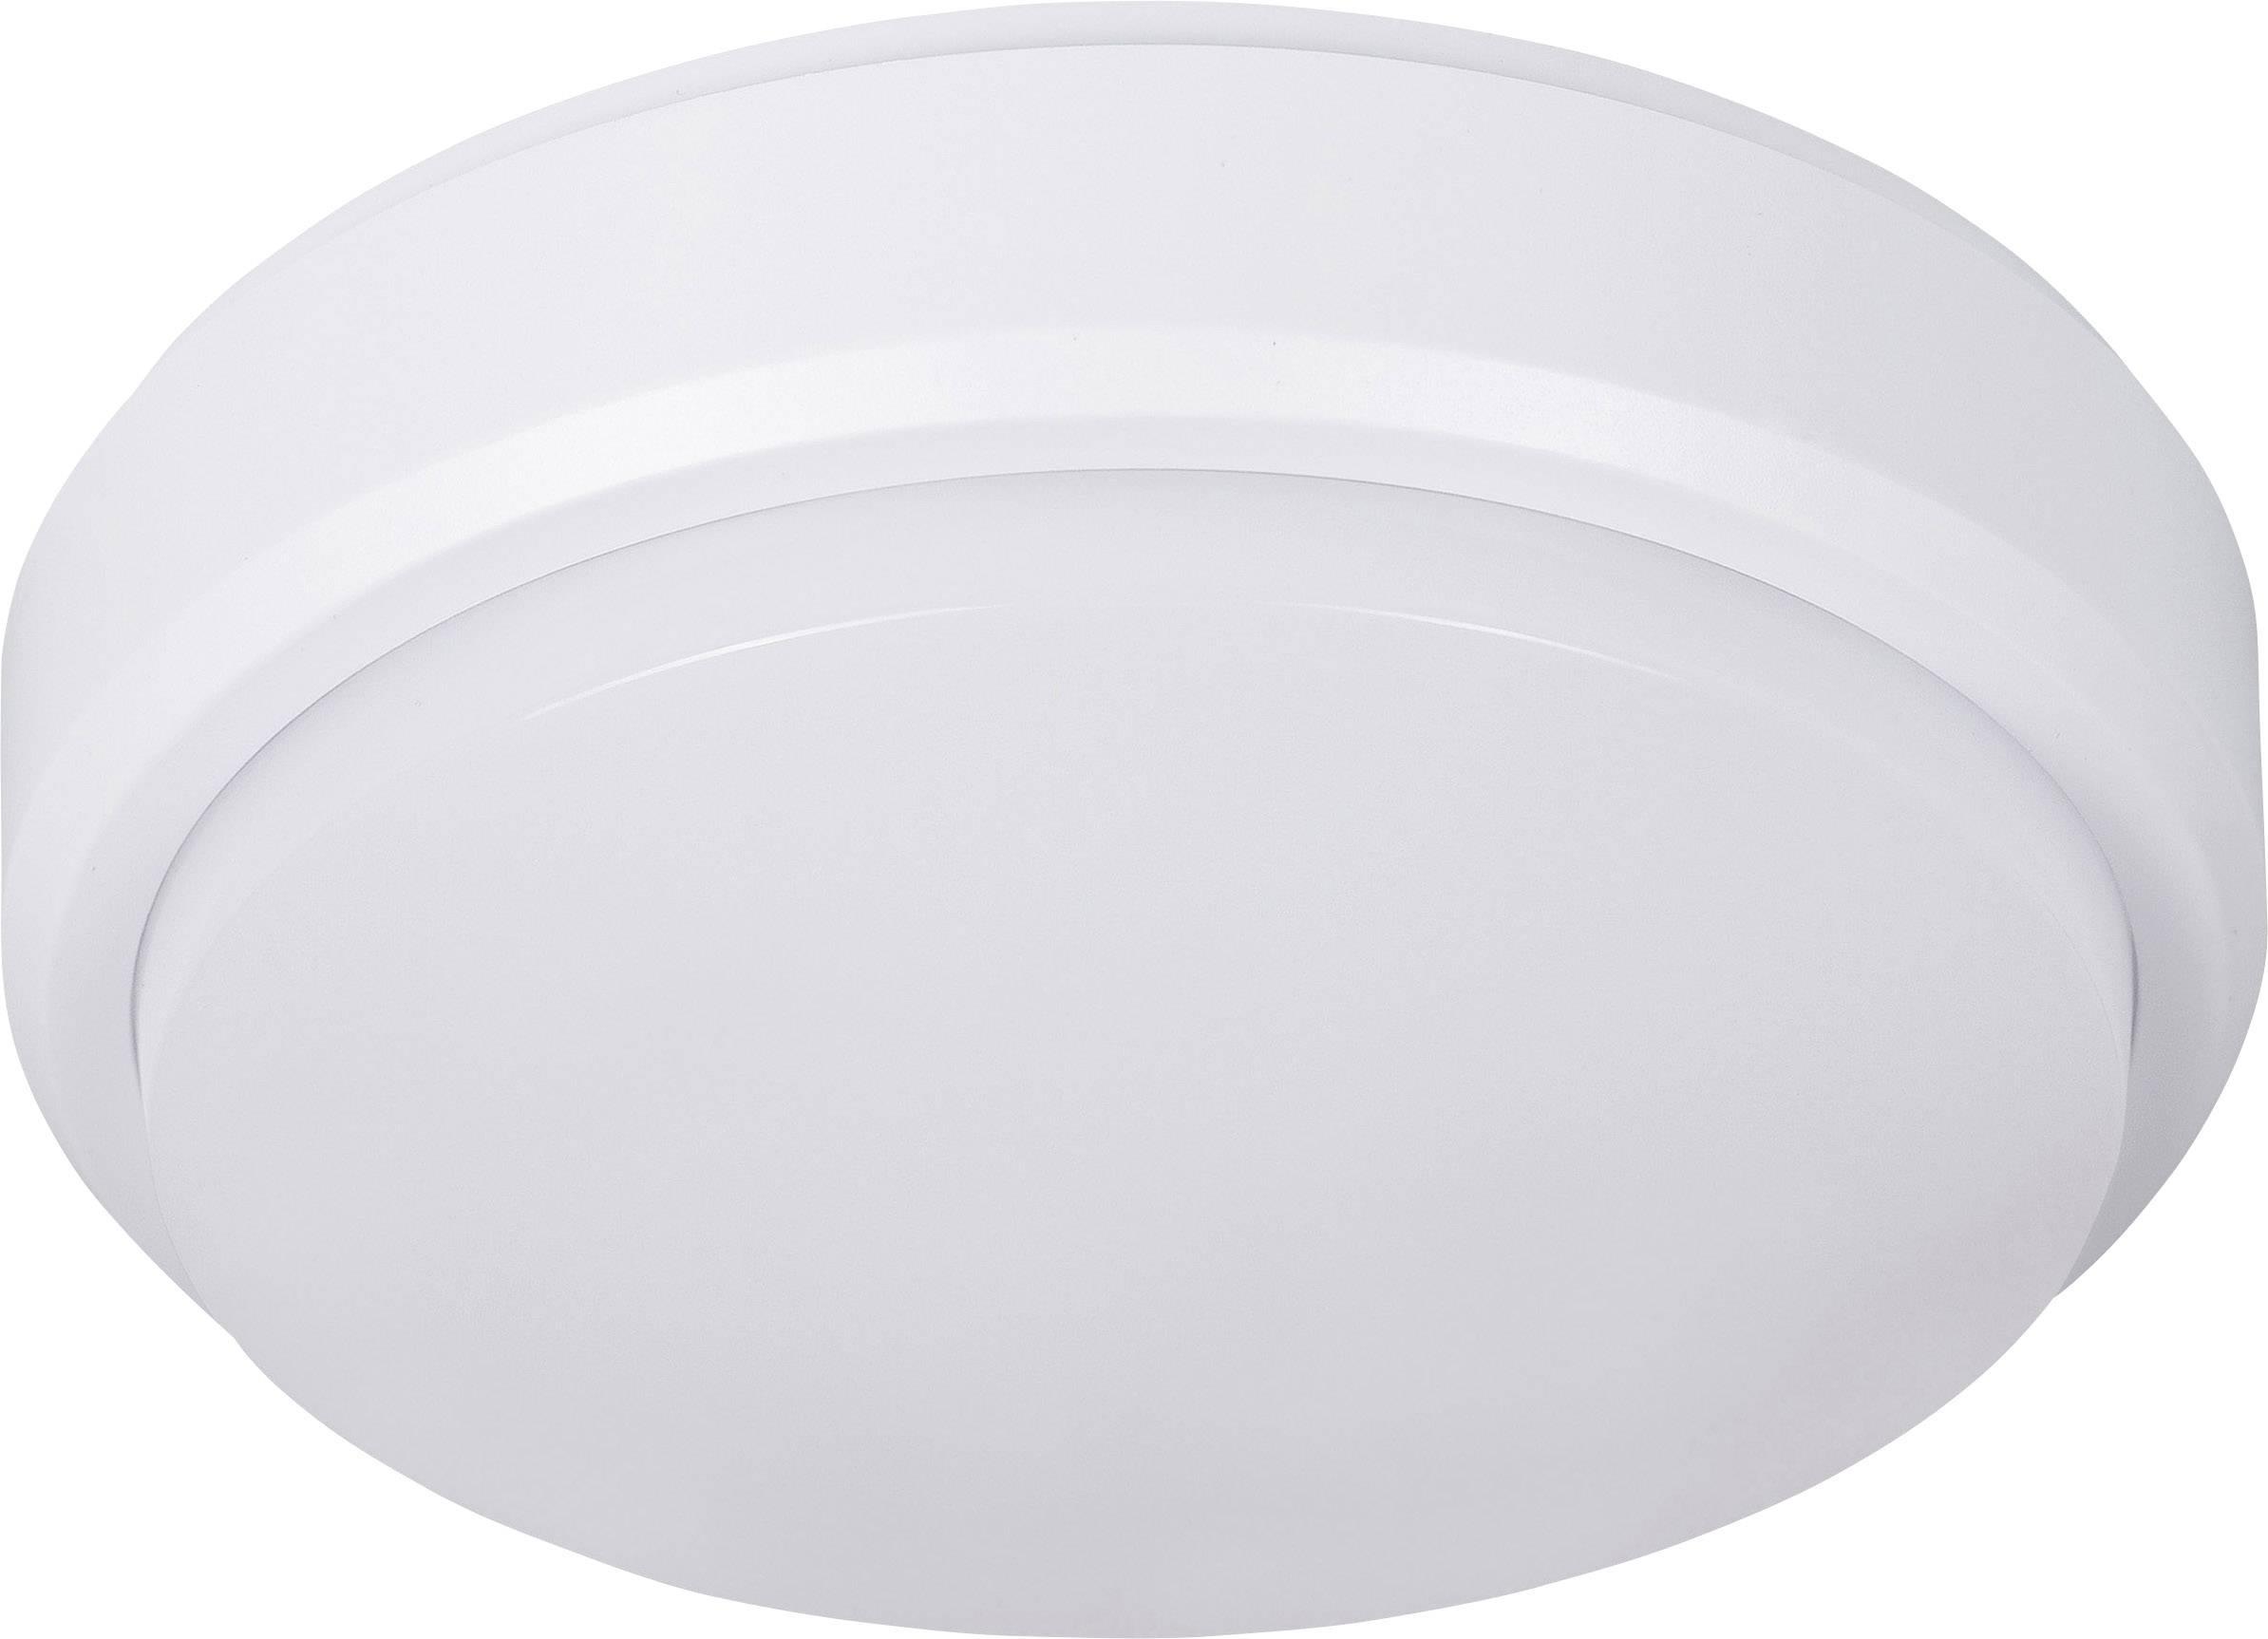 Pour Pièce Lampe Intégrée 8 Humide De Neutre Avec Blanc Détecteur Starlicht Led 20300538 Mouvements W rCxoWeQBdE